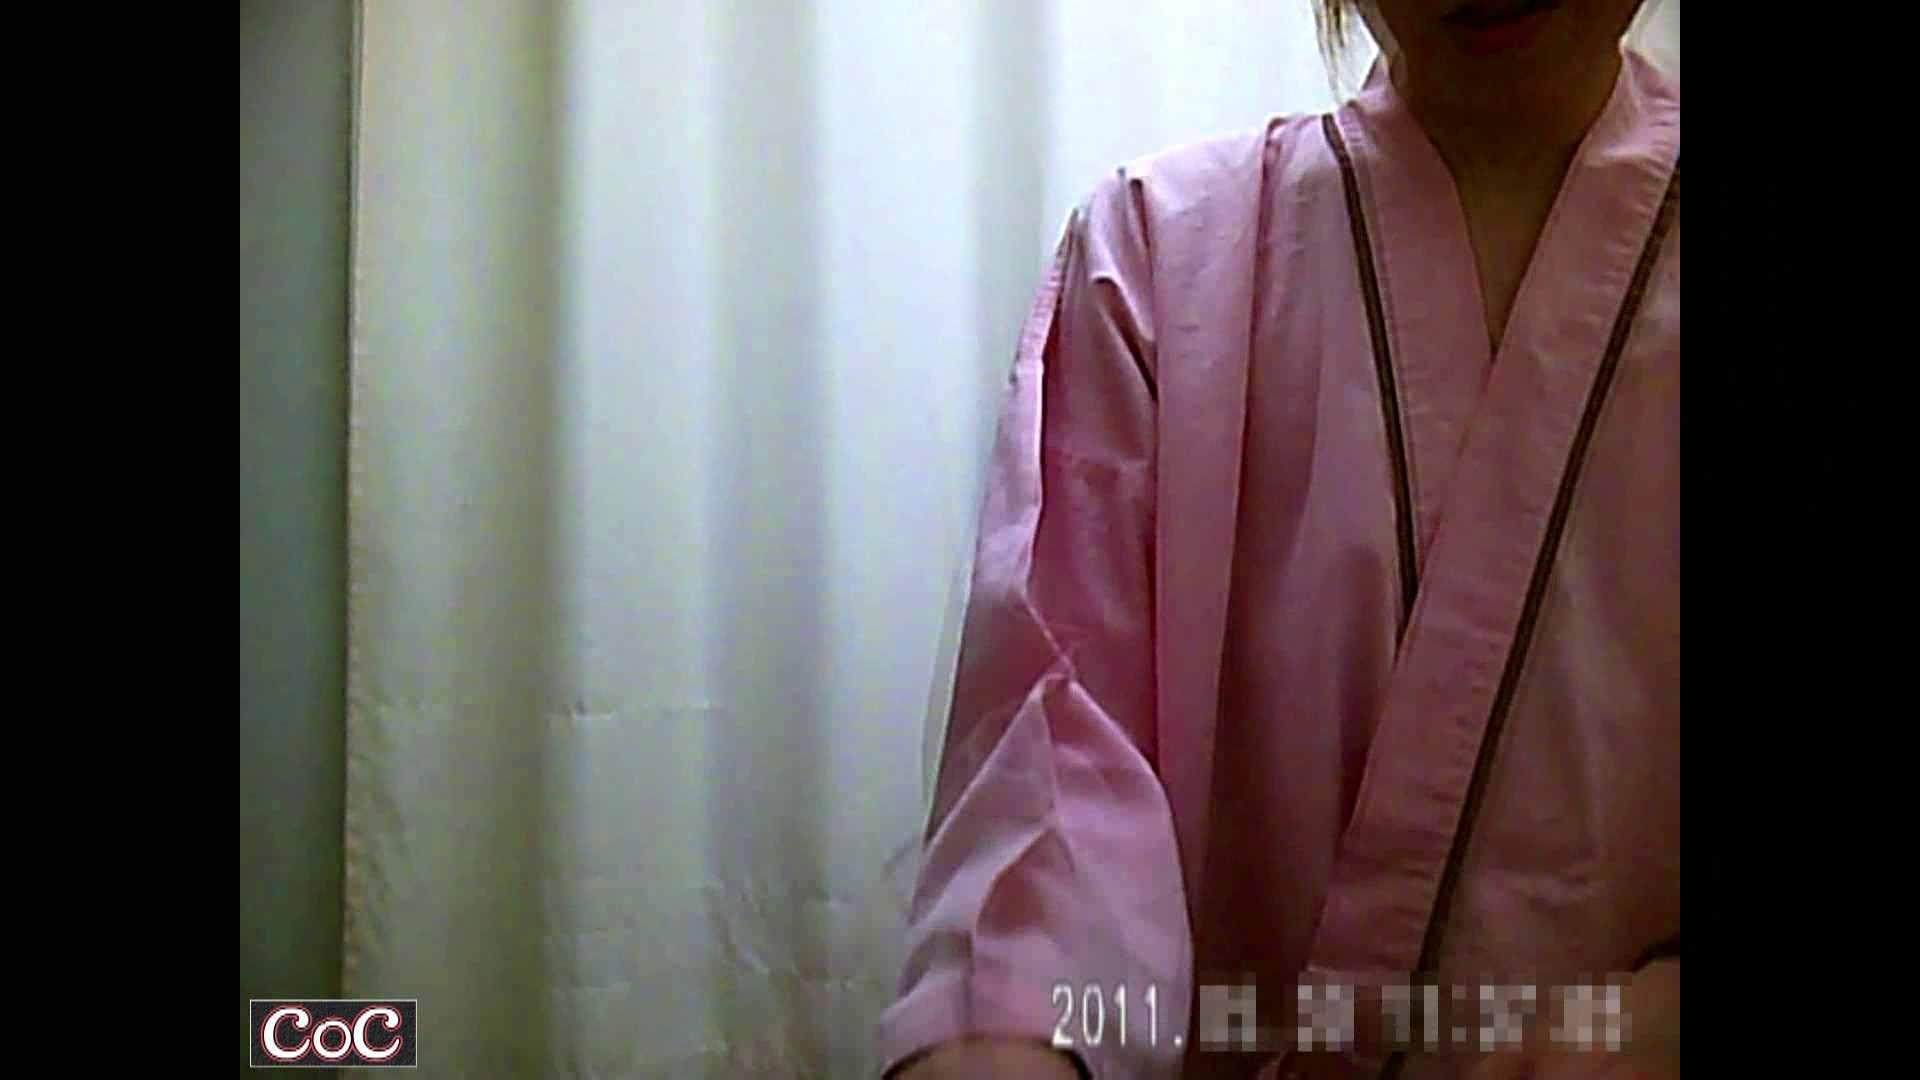 病院おもいっきり着替え! vol.01 盗撮特集 AV動画キャプチャ 80画像 43